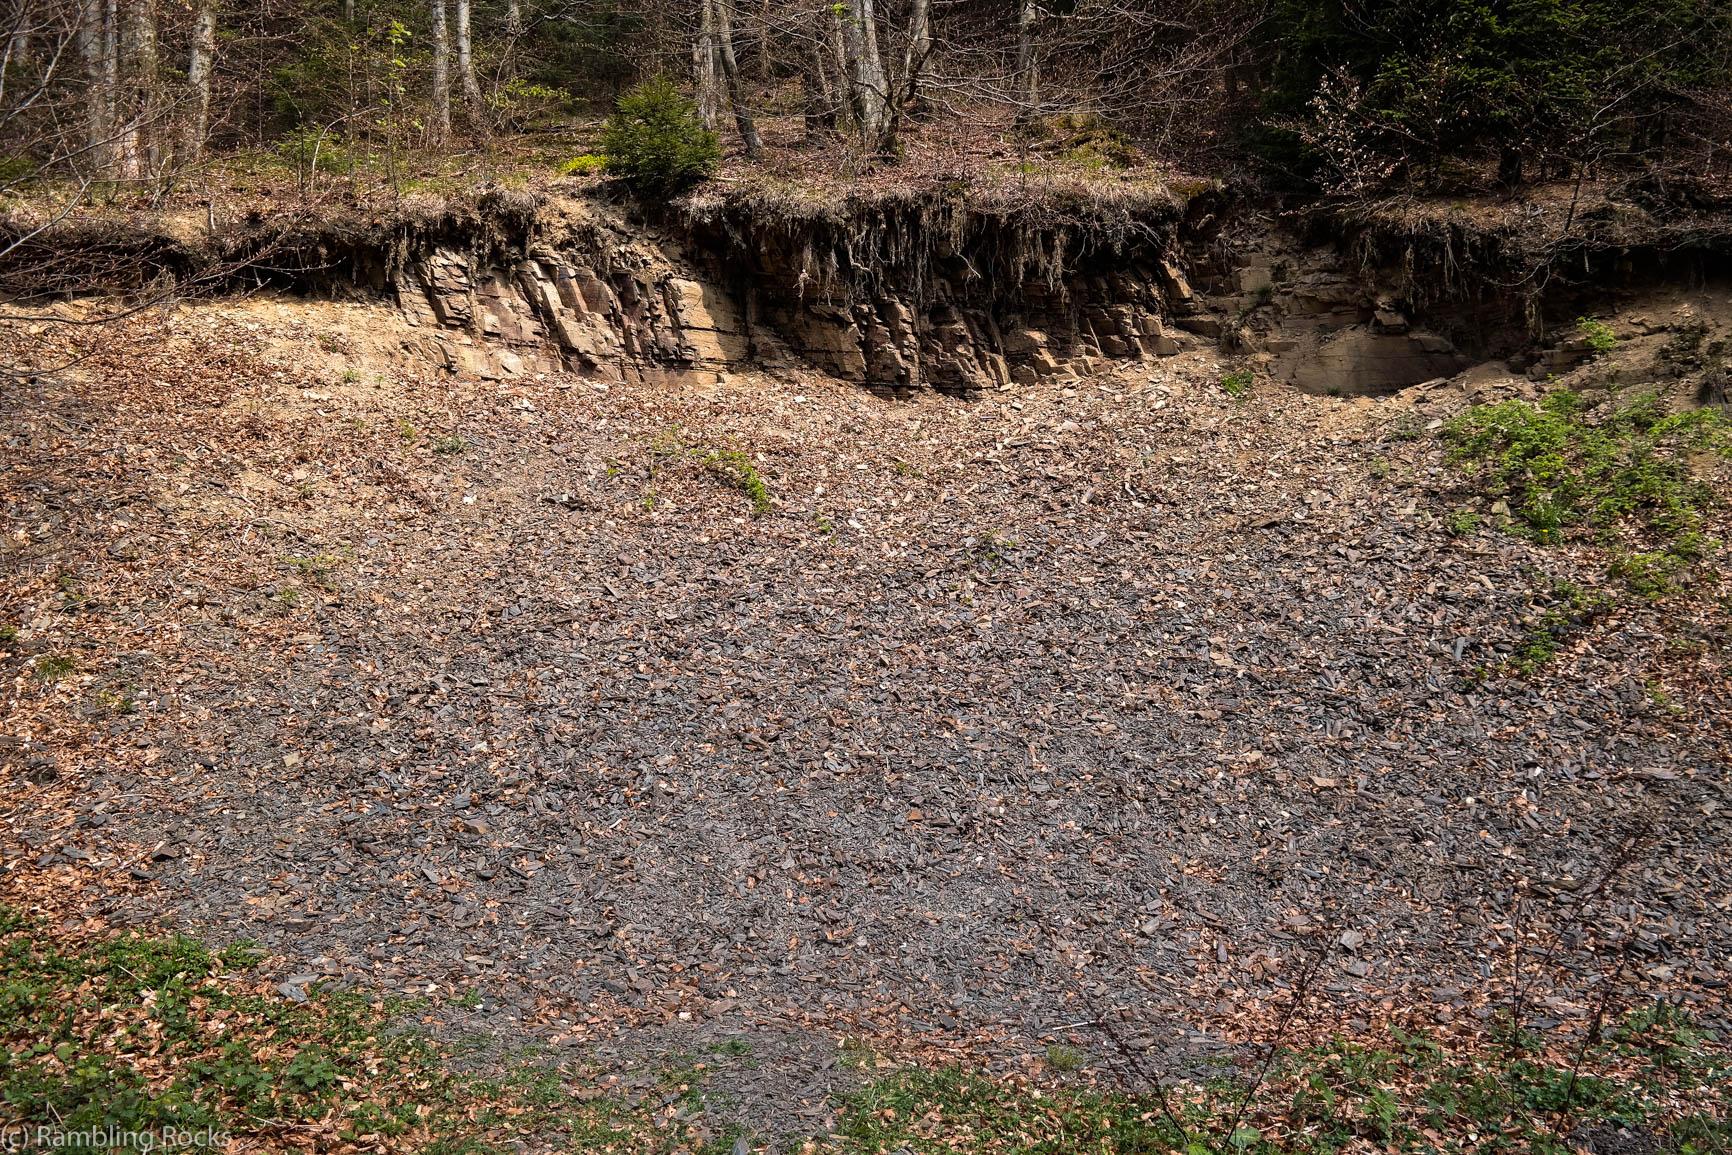 Halde Trogtal Geologie